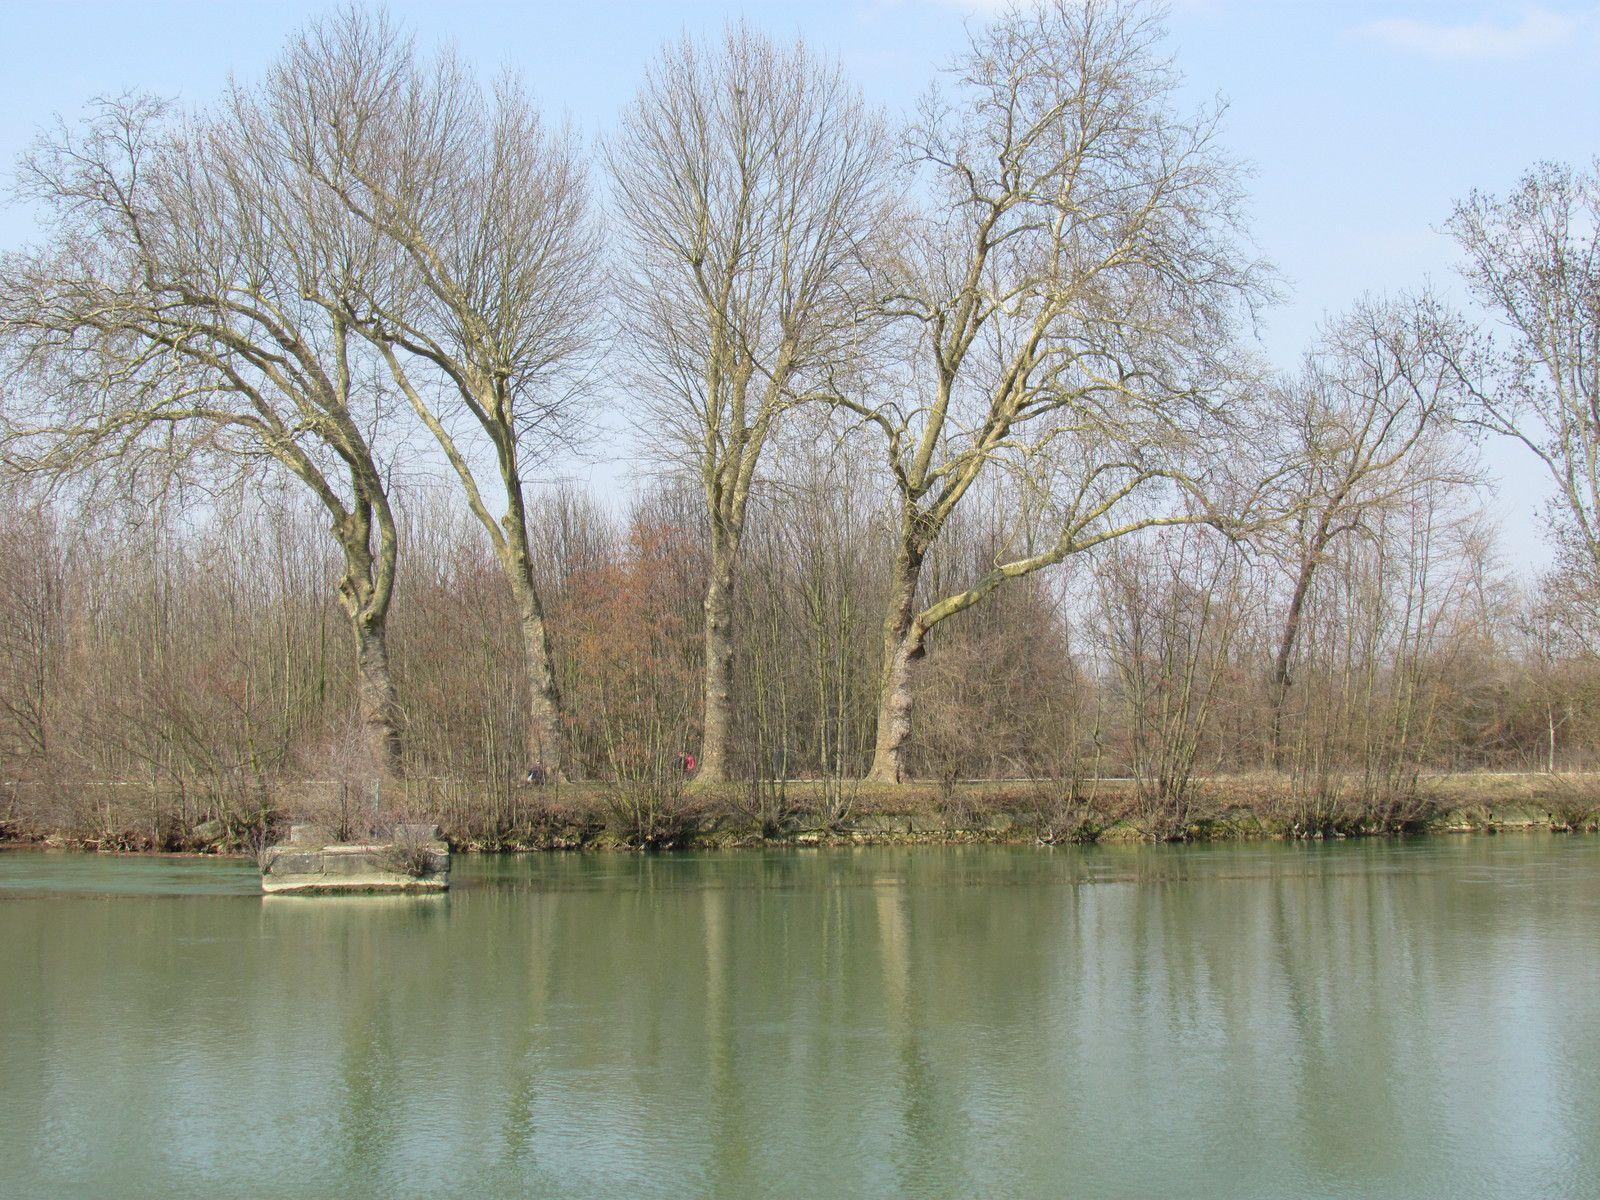 L'ancien barrage de Noisiel sur la Marne